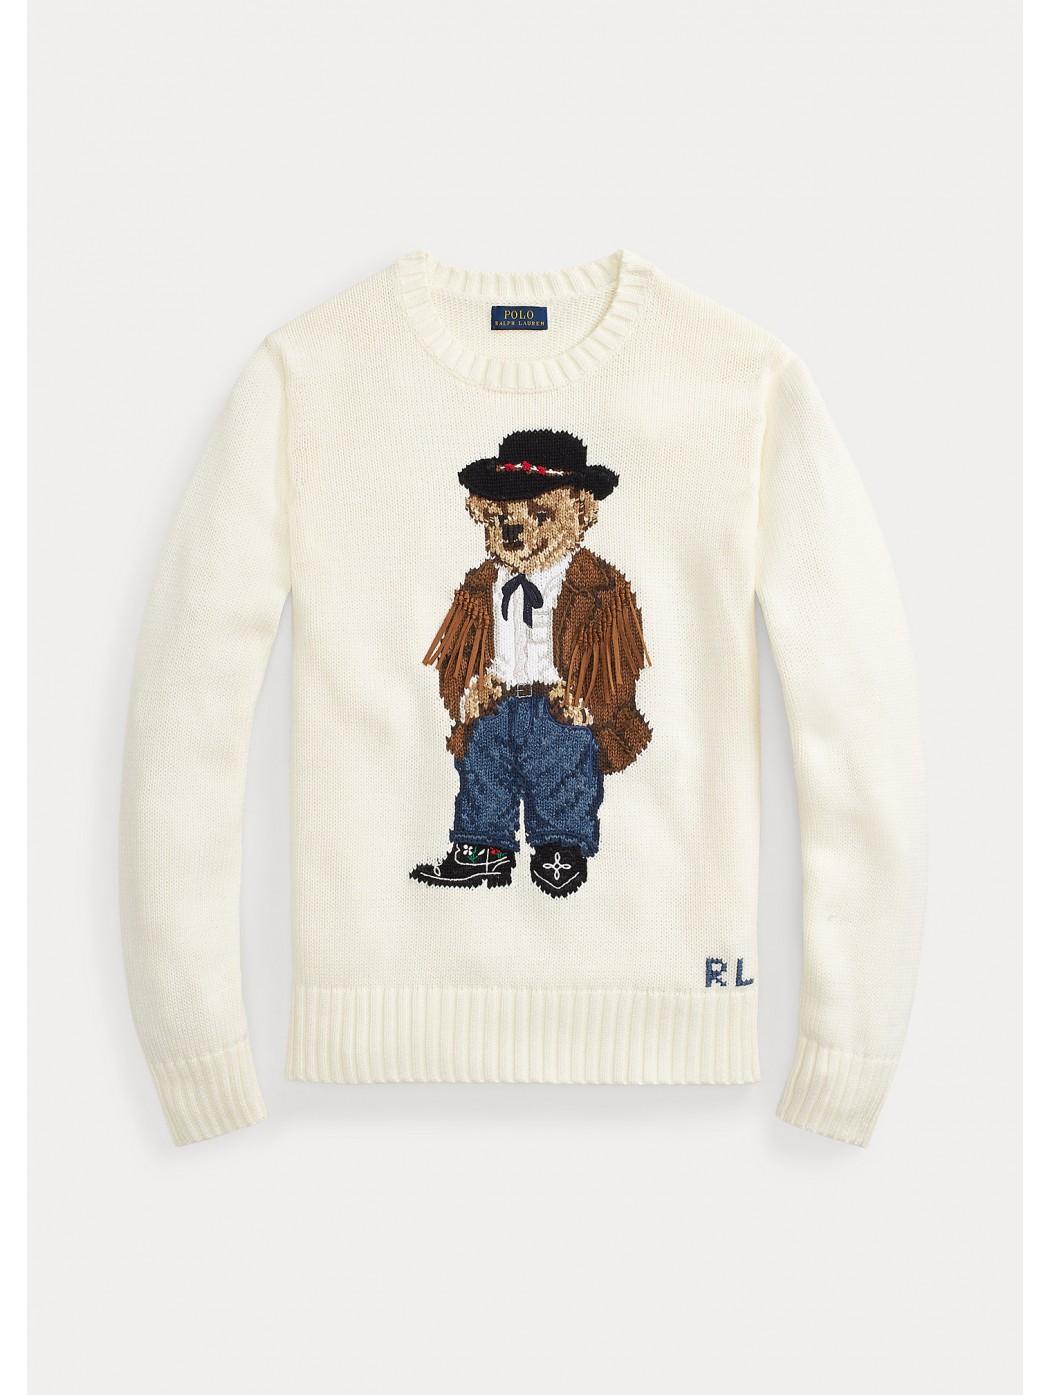 Maglia Cowboy Polo Bear POLO RALPH LAUREN DONNA 211801543 001